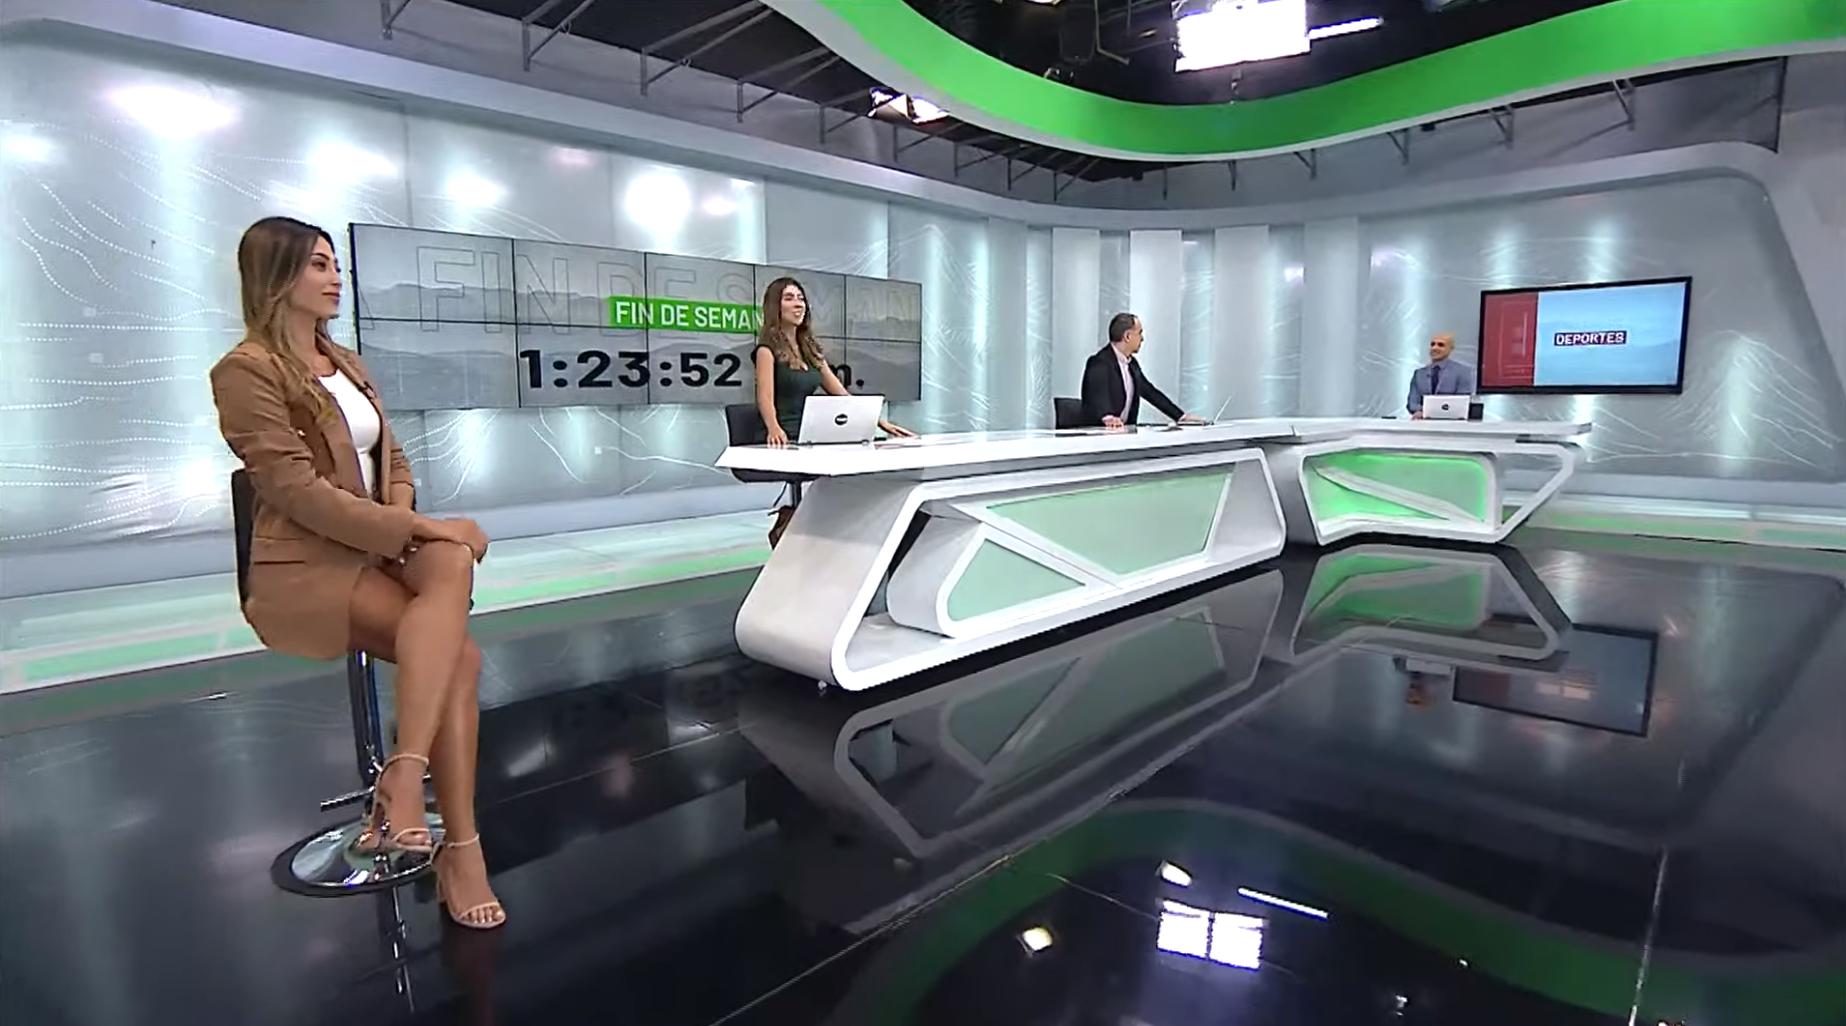 Teleantioquia Noticias – domingo 09 de mayo de 2021 mediodía